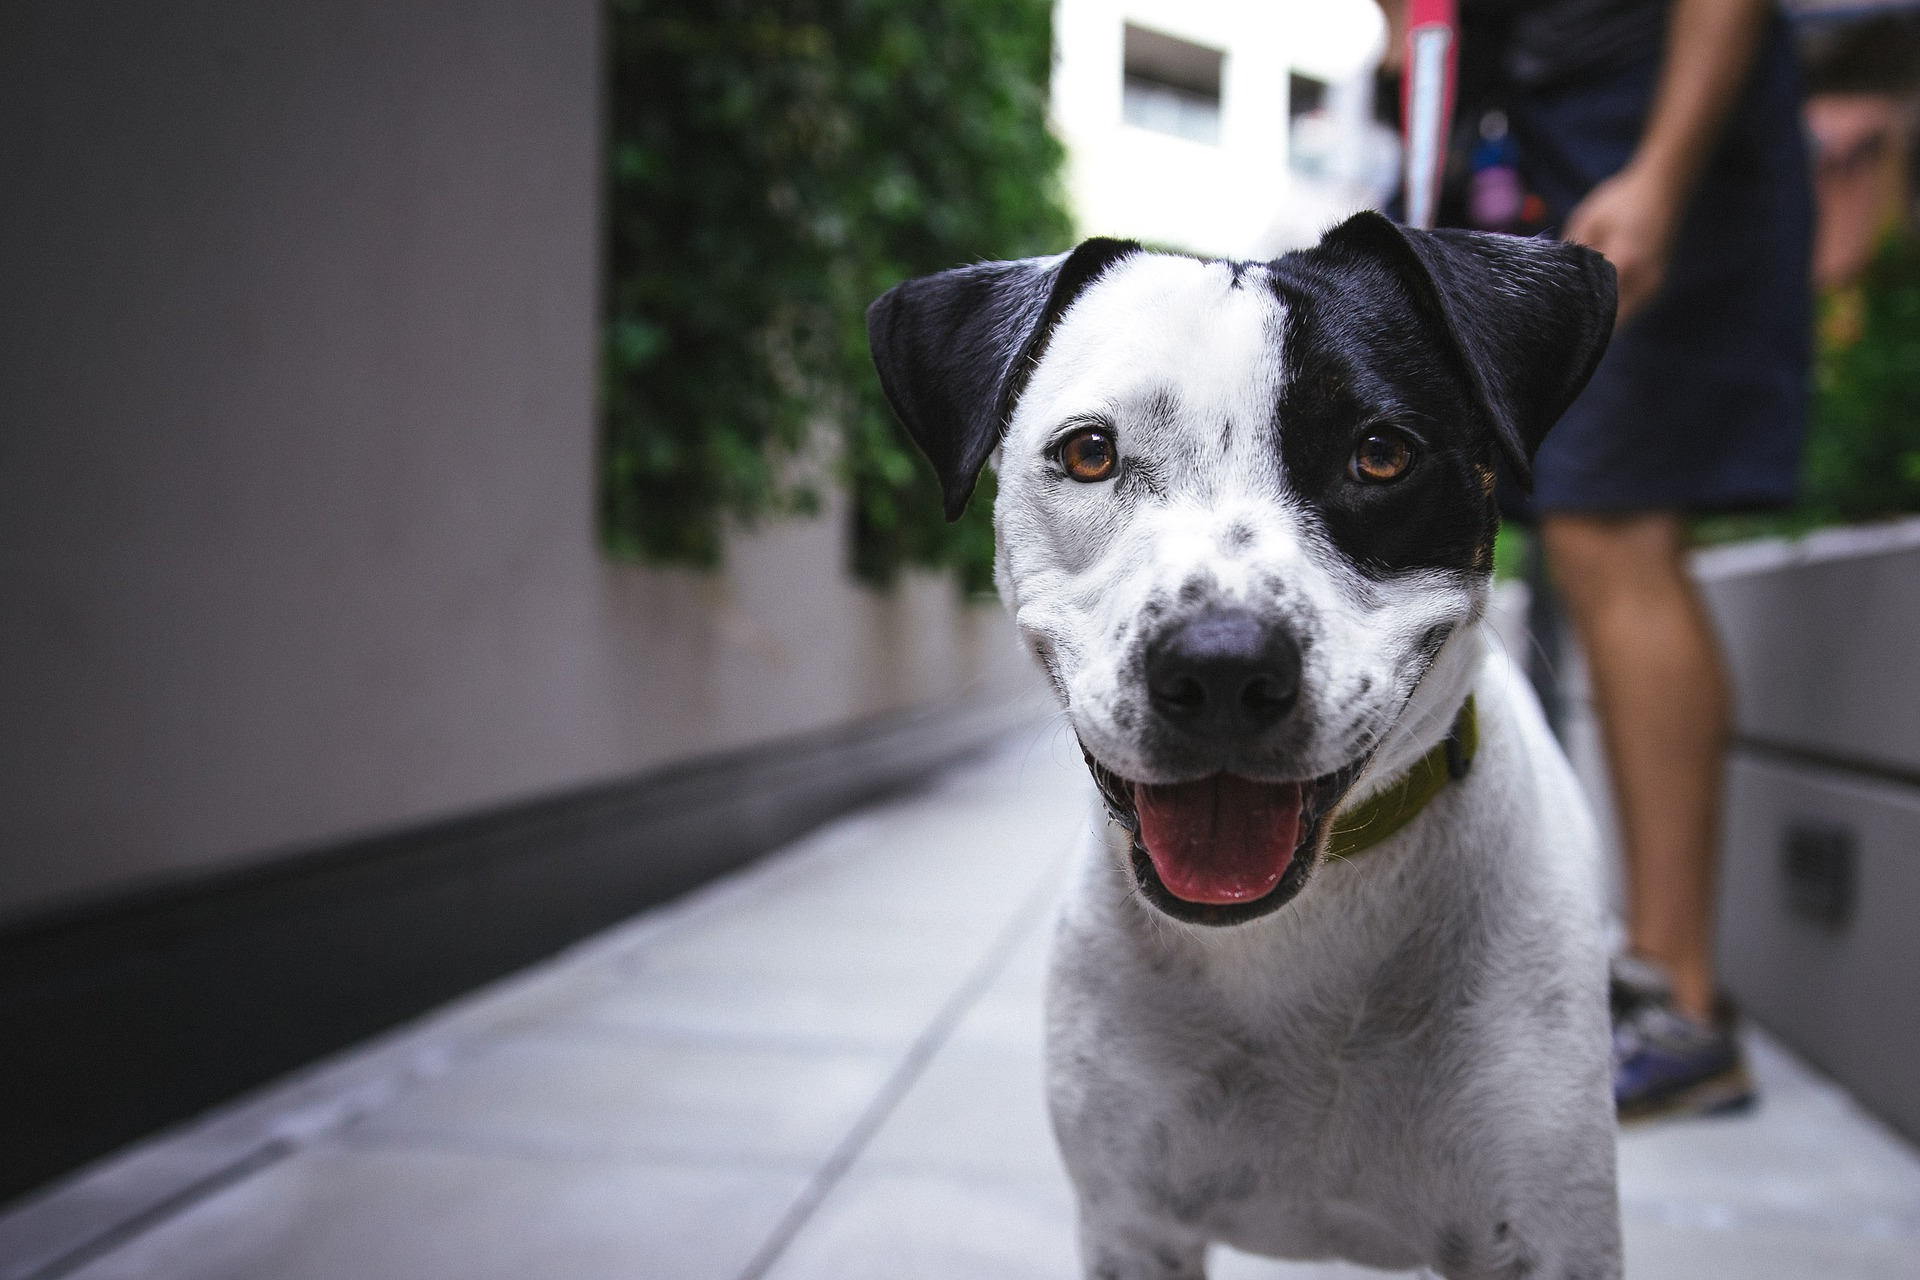 Zapalenie pęcherza u psa wymaga leczenia weterynaryjnego. Nie można podawać psu leków na własną rękę.